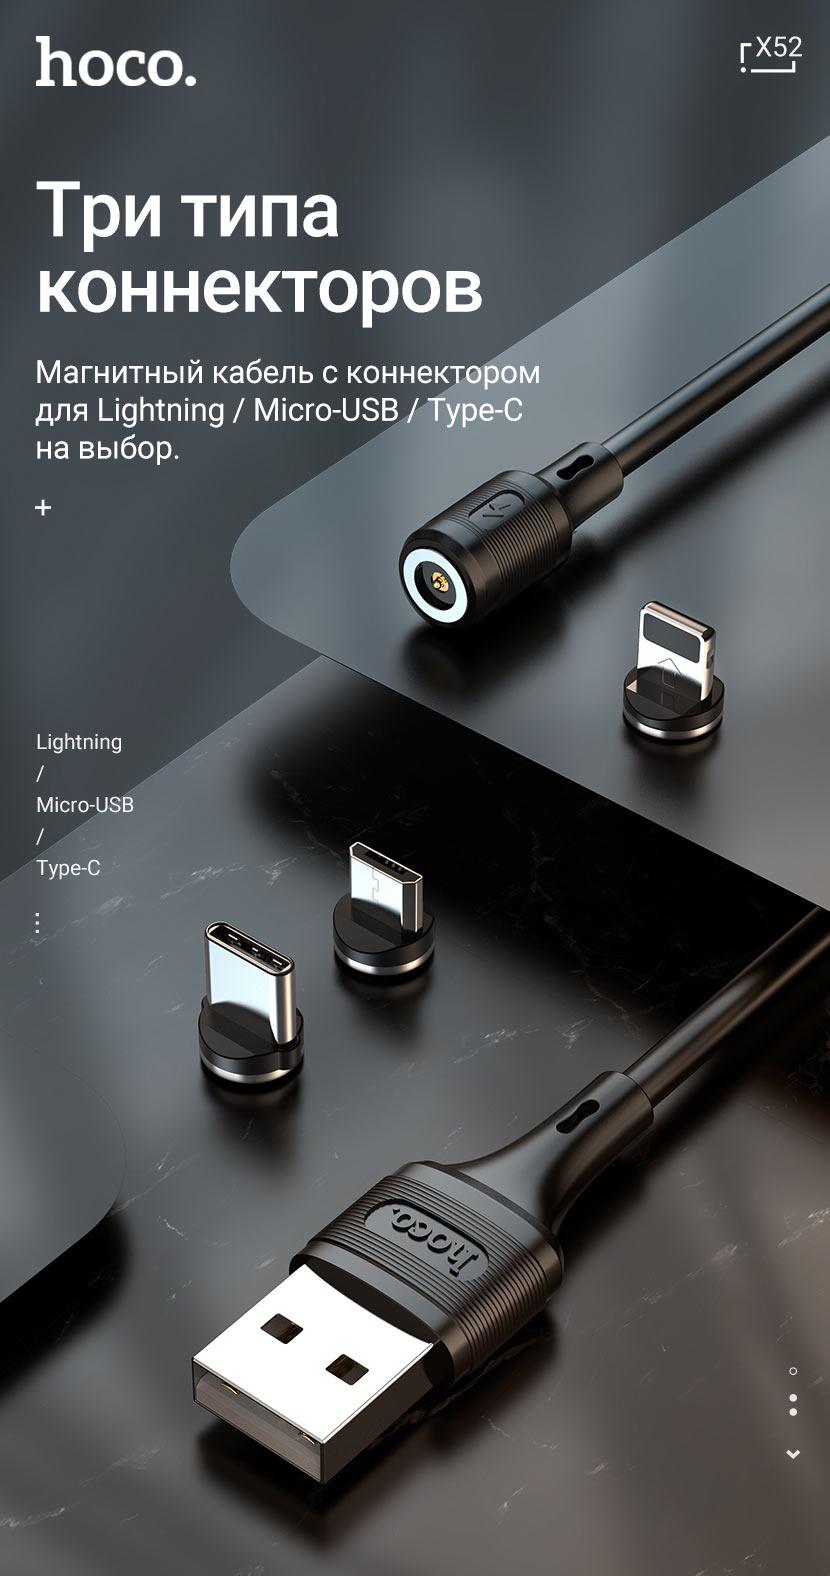 hoco news x52 sereno magnetic charging cable connectors ru